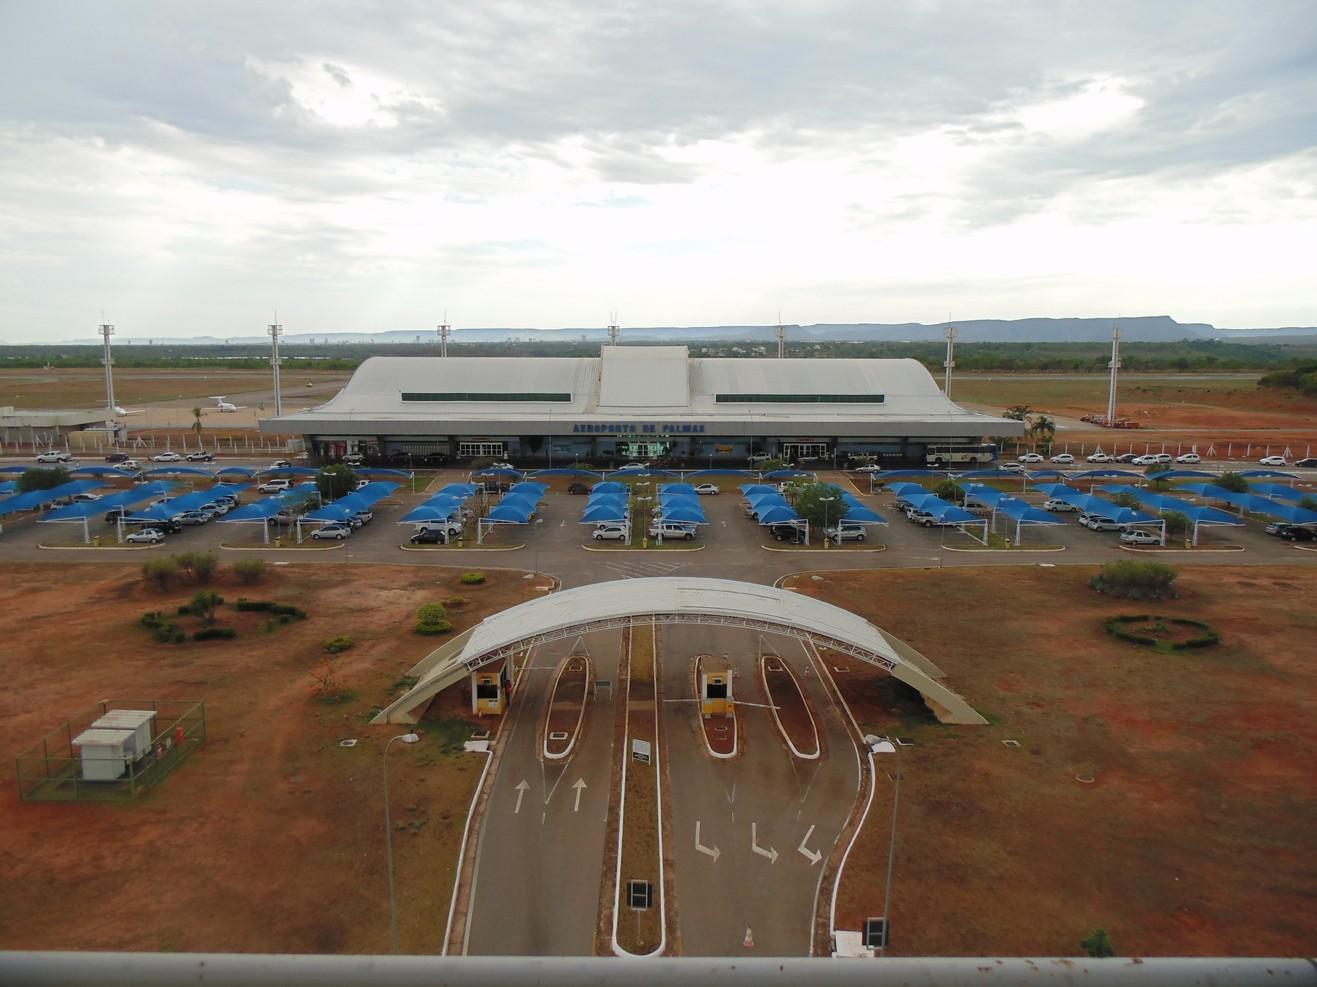 Contrato de concessão é assinado e aeroporto de Palmas passa a ser administrado por grupo empresarial a partir de 2022